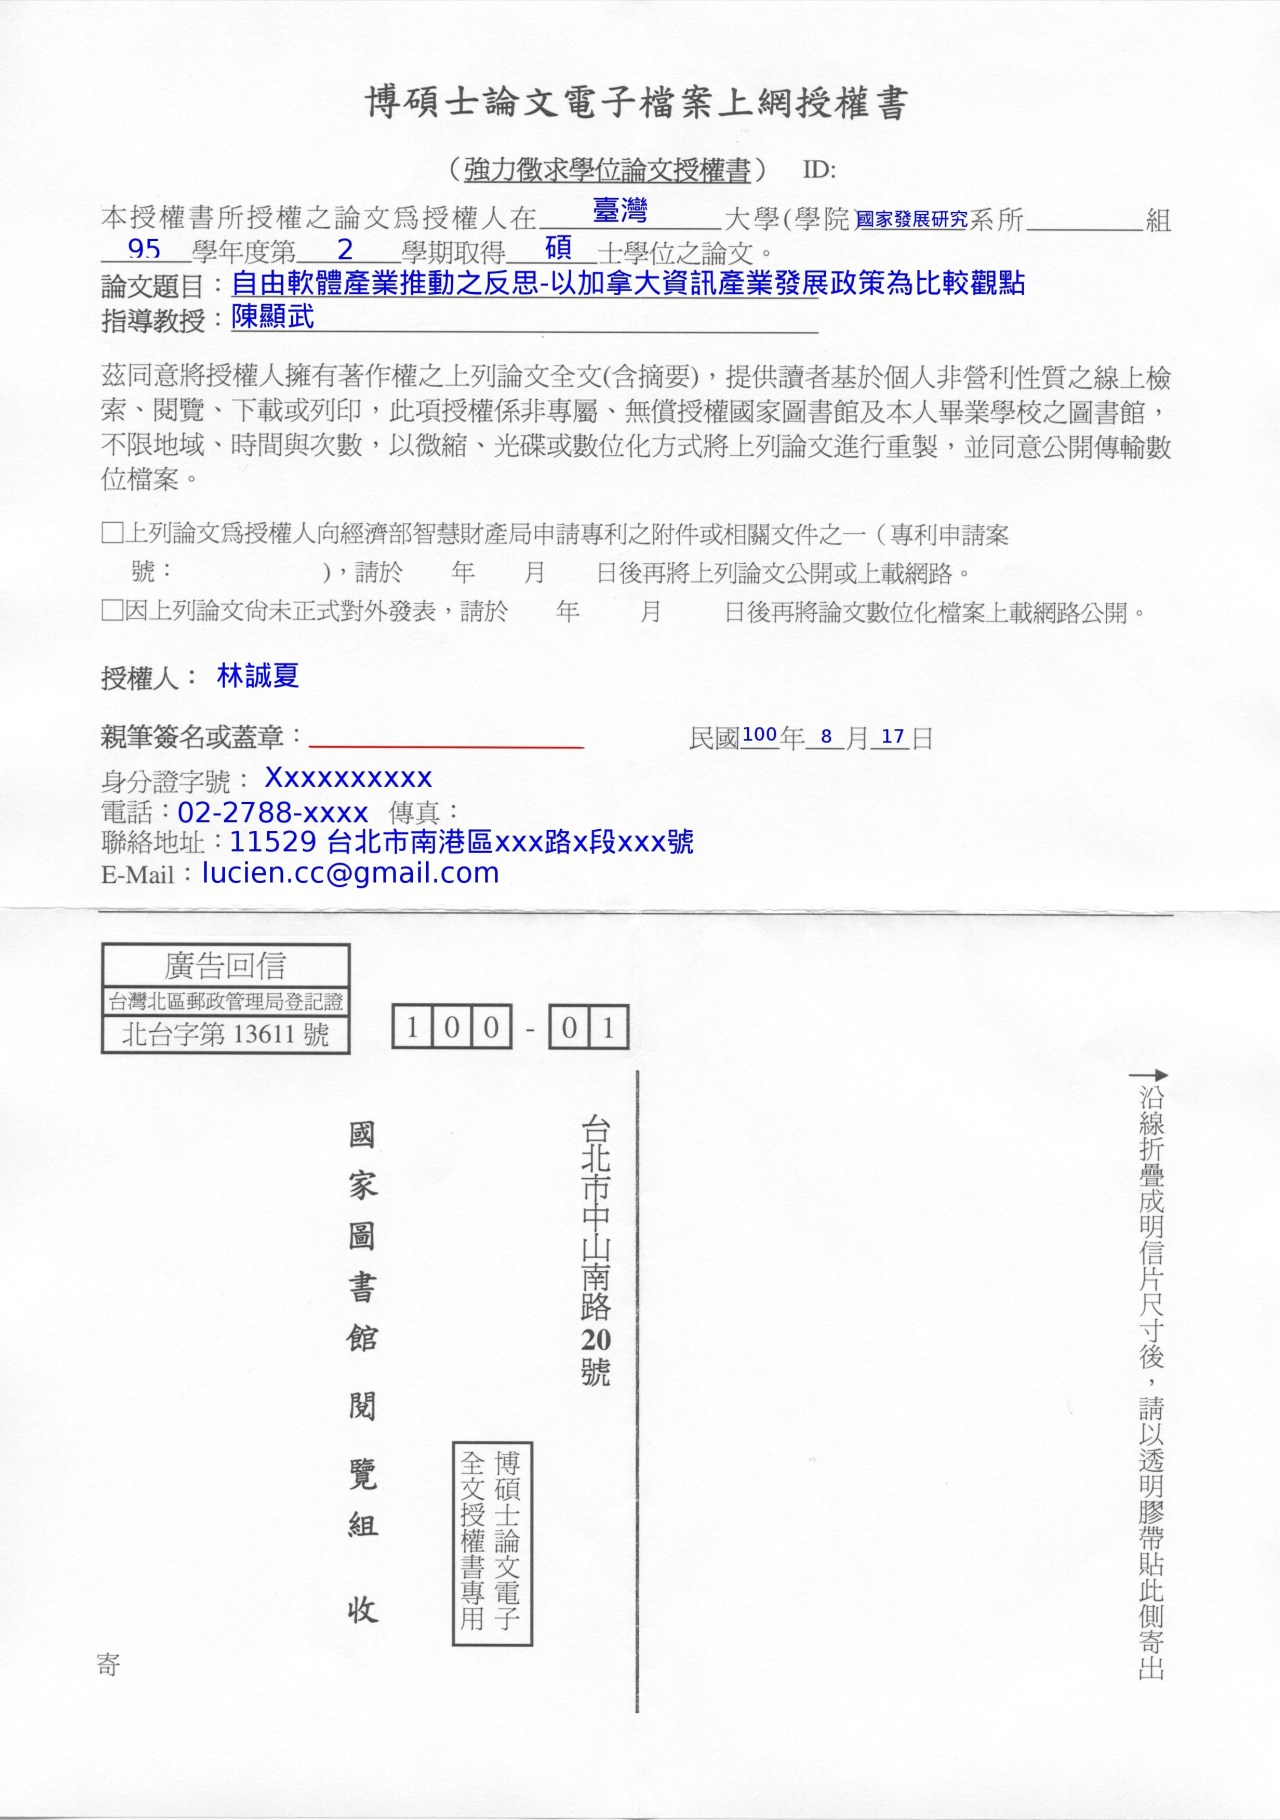 20110823-「臺灣博碩士論文知識加值系統」強力徵求論文全文的網路下載與公示授權! – Lu-six Person's Notes